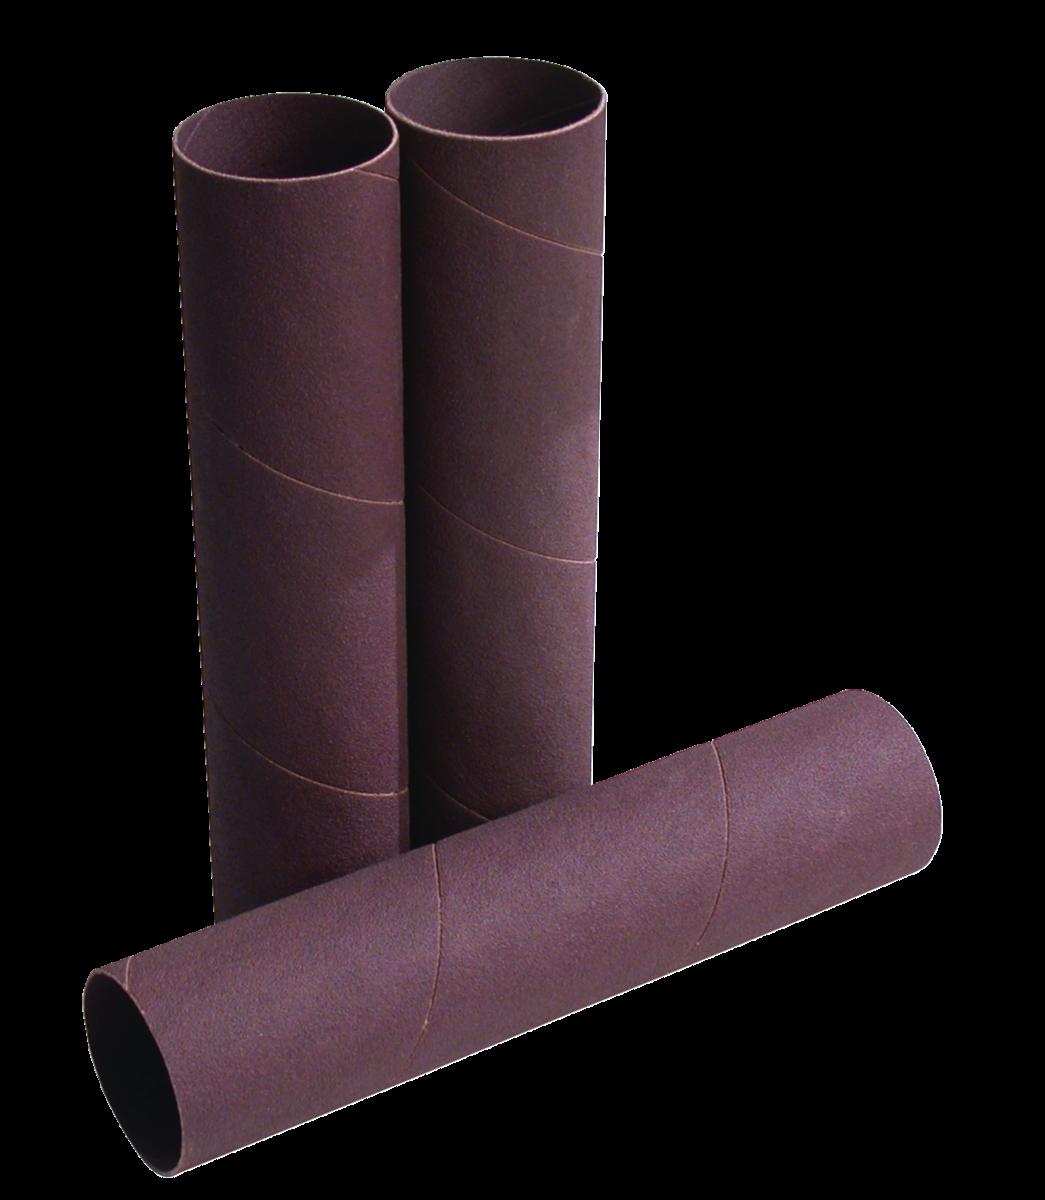 """Sanding Sleeves, 1""""x9"""", 150 Grit (4 pack)"""